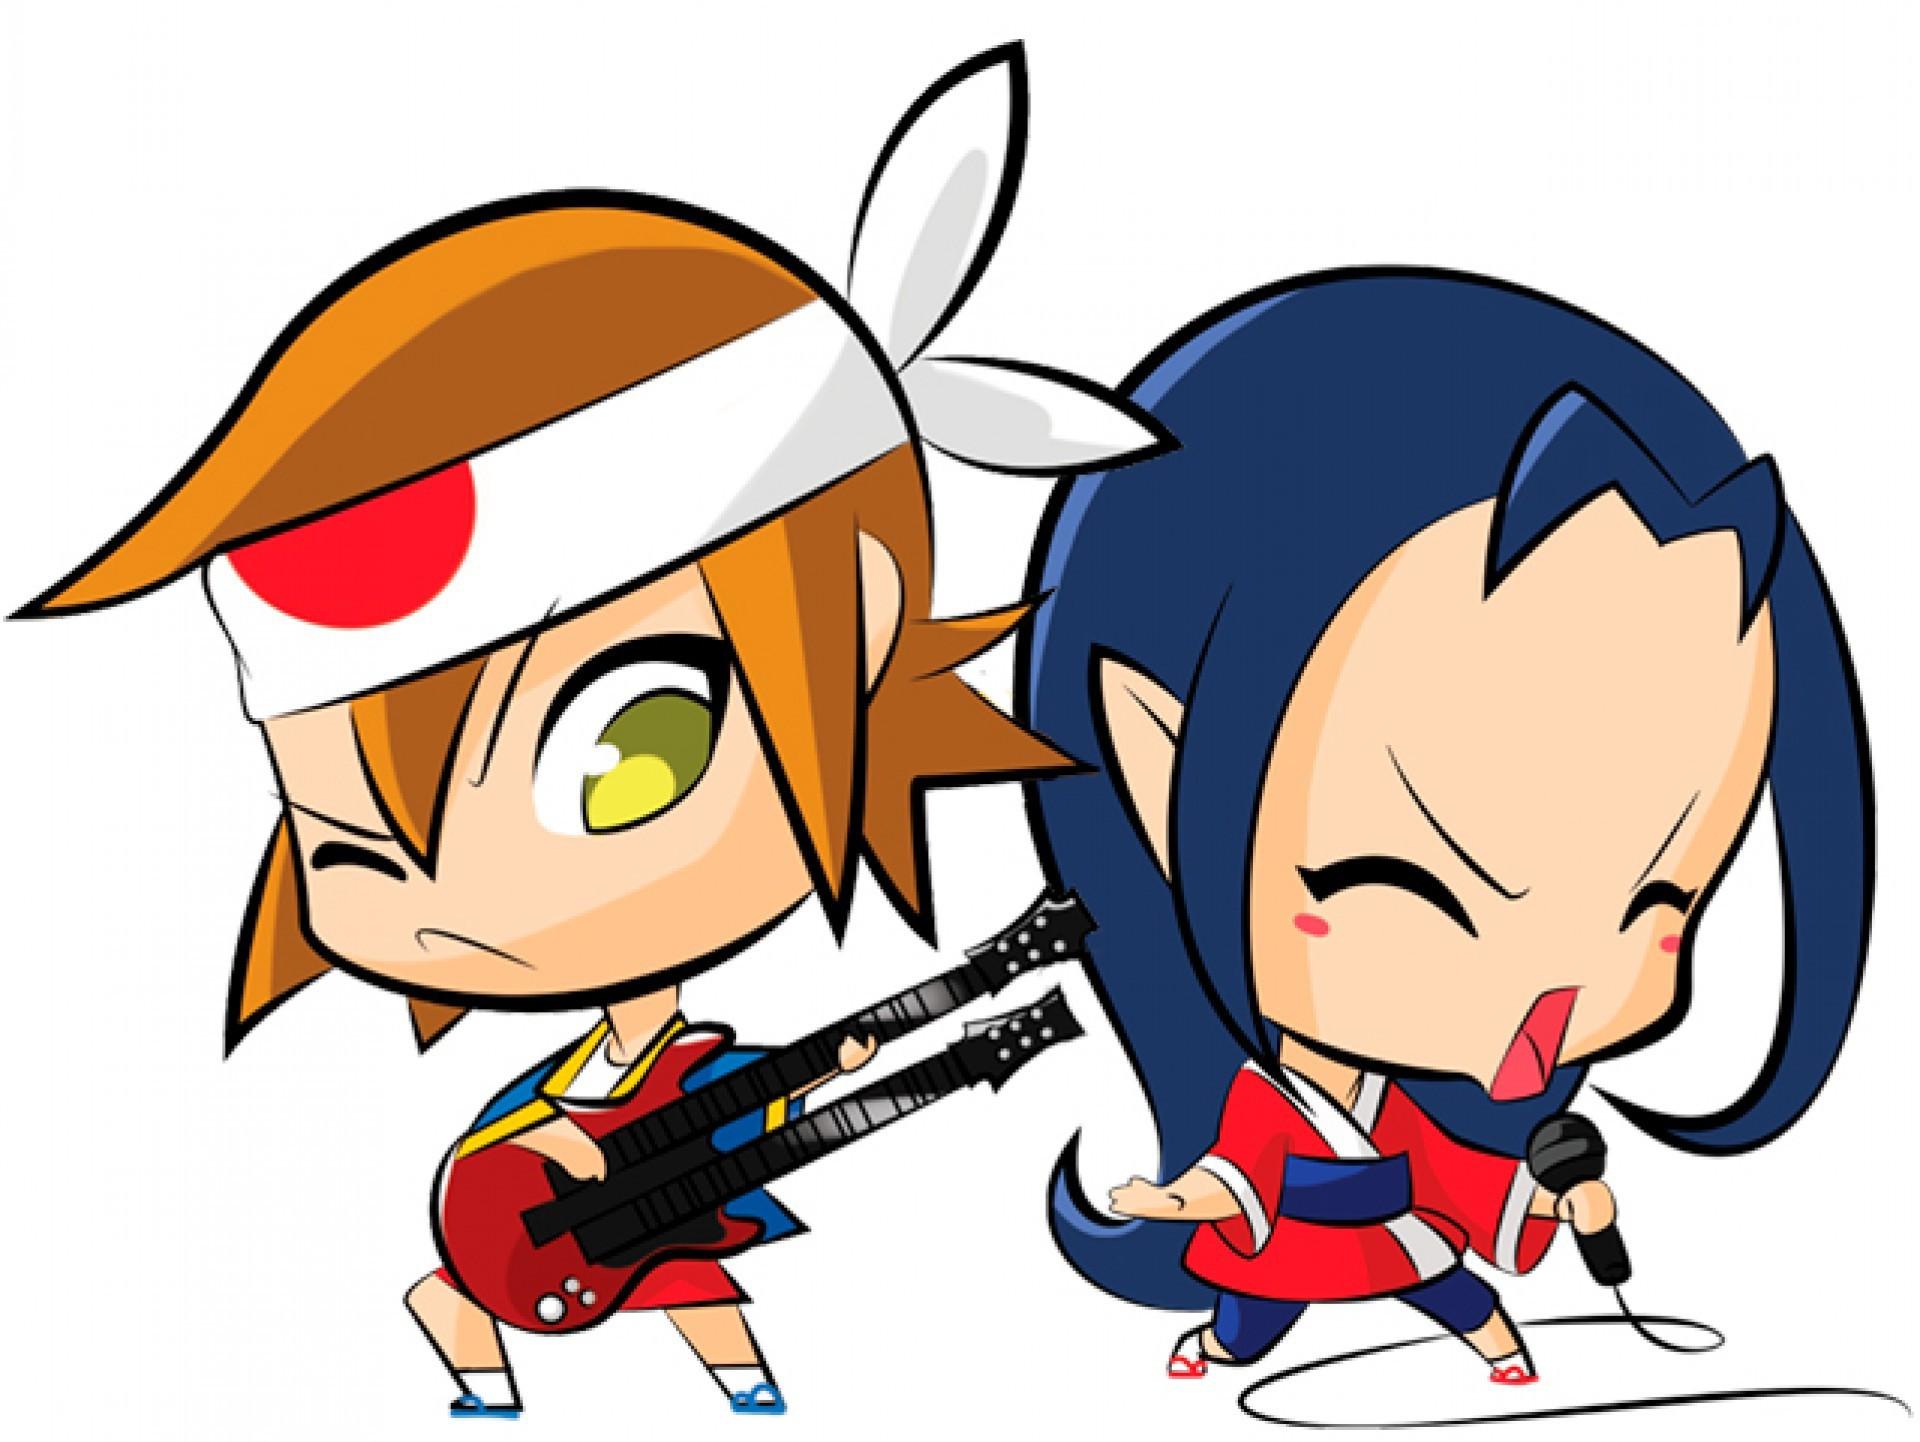 San e Ana são os mascotes oficiais do Sana, maior evento de cultura geek e pop do Norte e Nordeste do Brasil. O encontro acontece duas vezes ao ano, em Fortaleza, no Ceará (janeiro e julho)